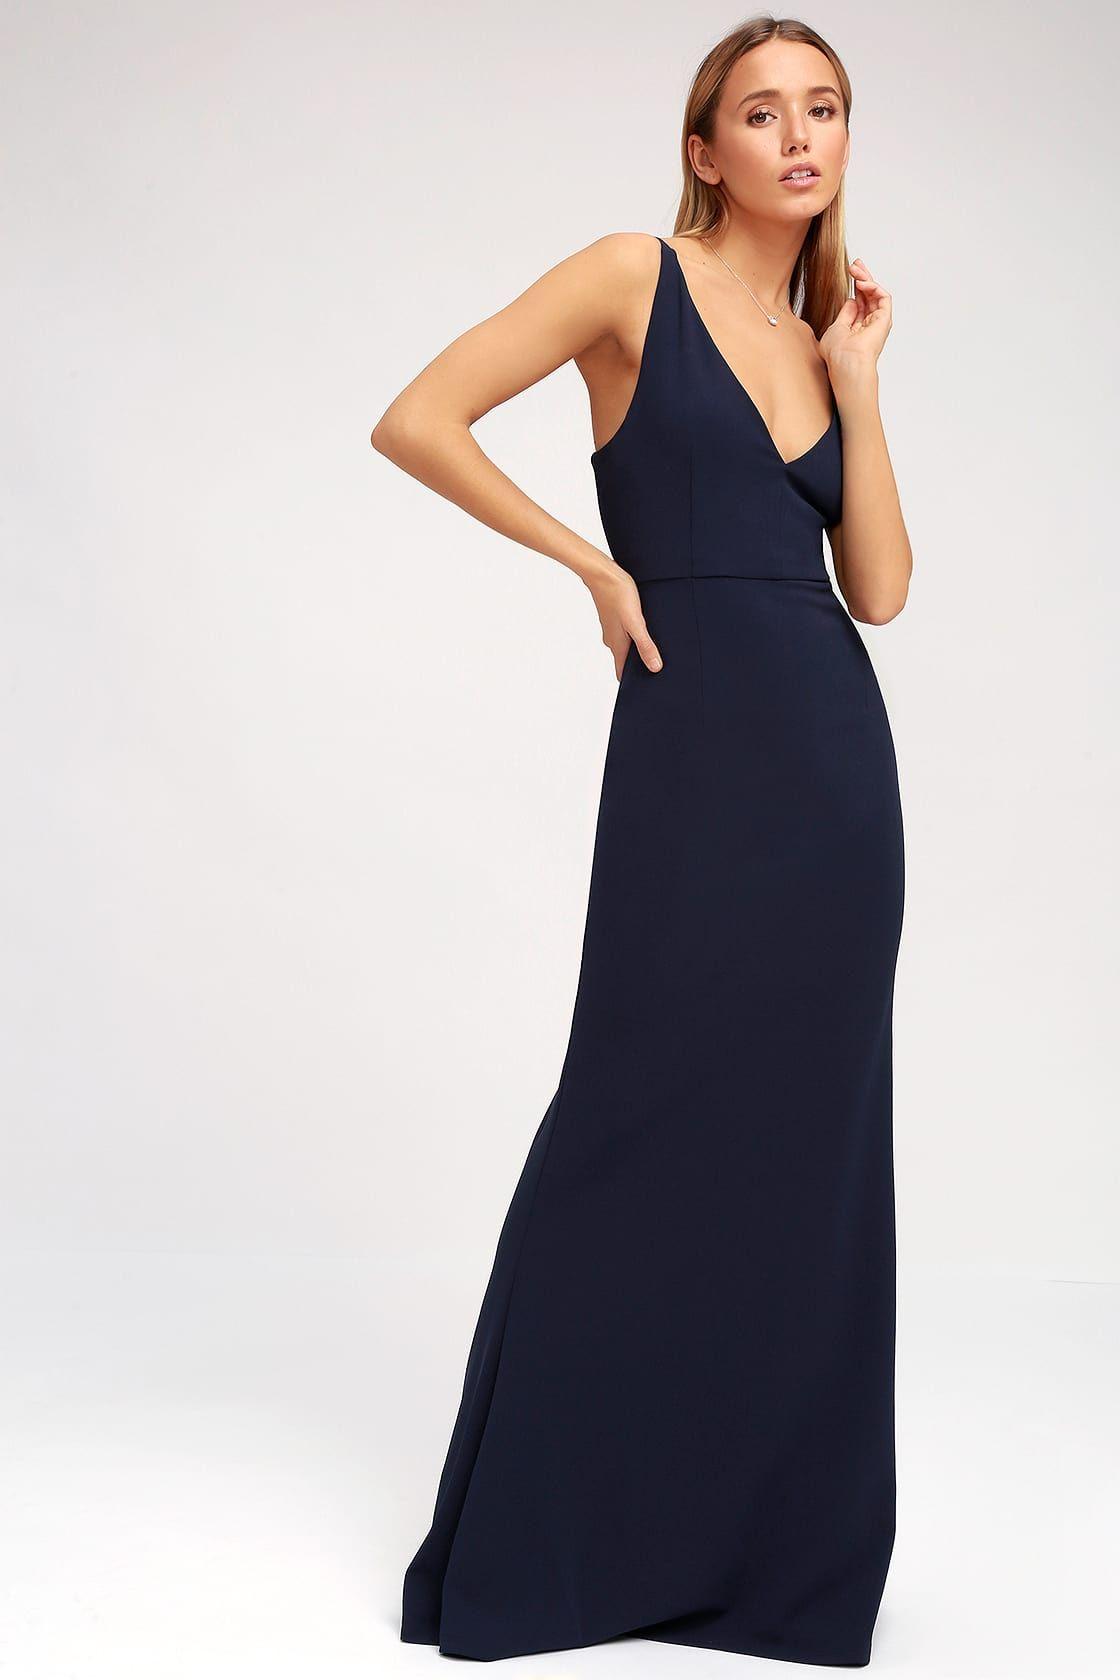 994ac0ae10 Lulus | Melora Navy Blue Sleeveless Maxi Dress | Size Large | 100 ...